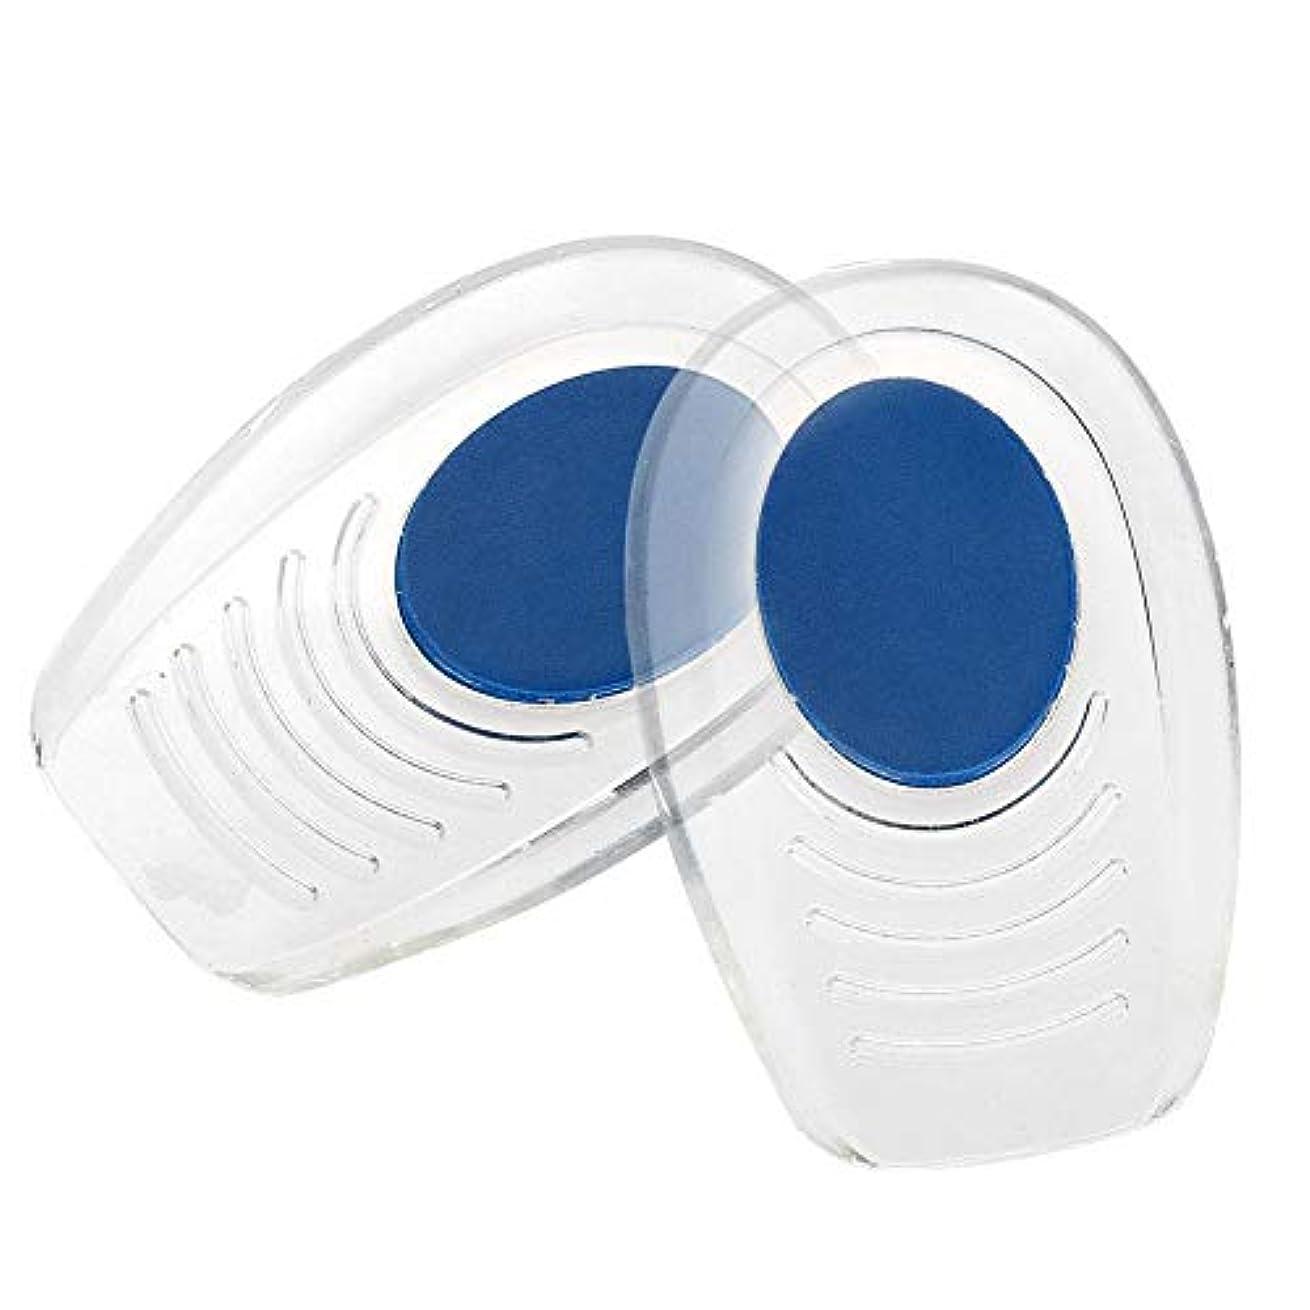 脅かす活性化許すソフトインソール かかと痛みパッド   シリコーン衝撃吸収ヒールパッド (滑り止めテクスチャー付) ブルー パッドフットケアツール (S(7*10.5CM))